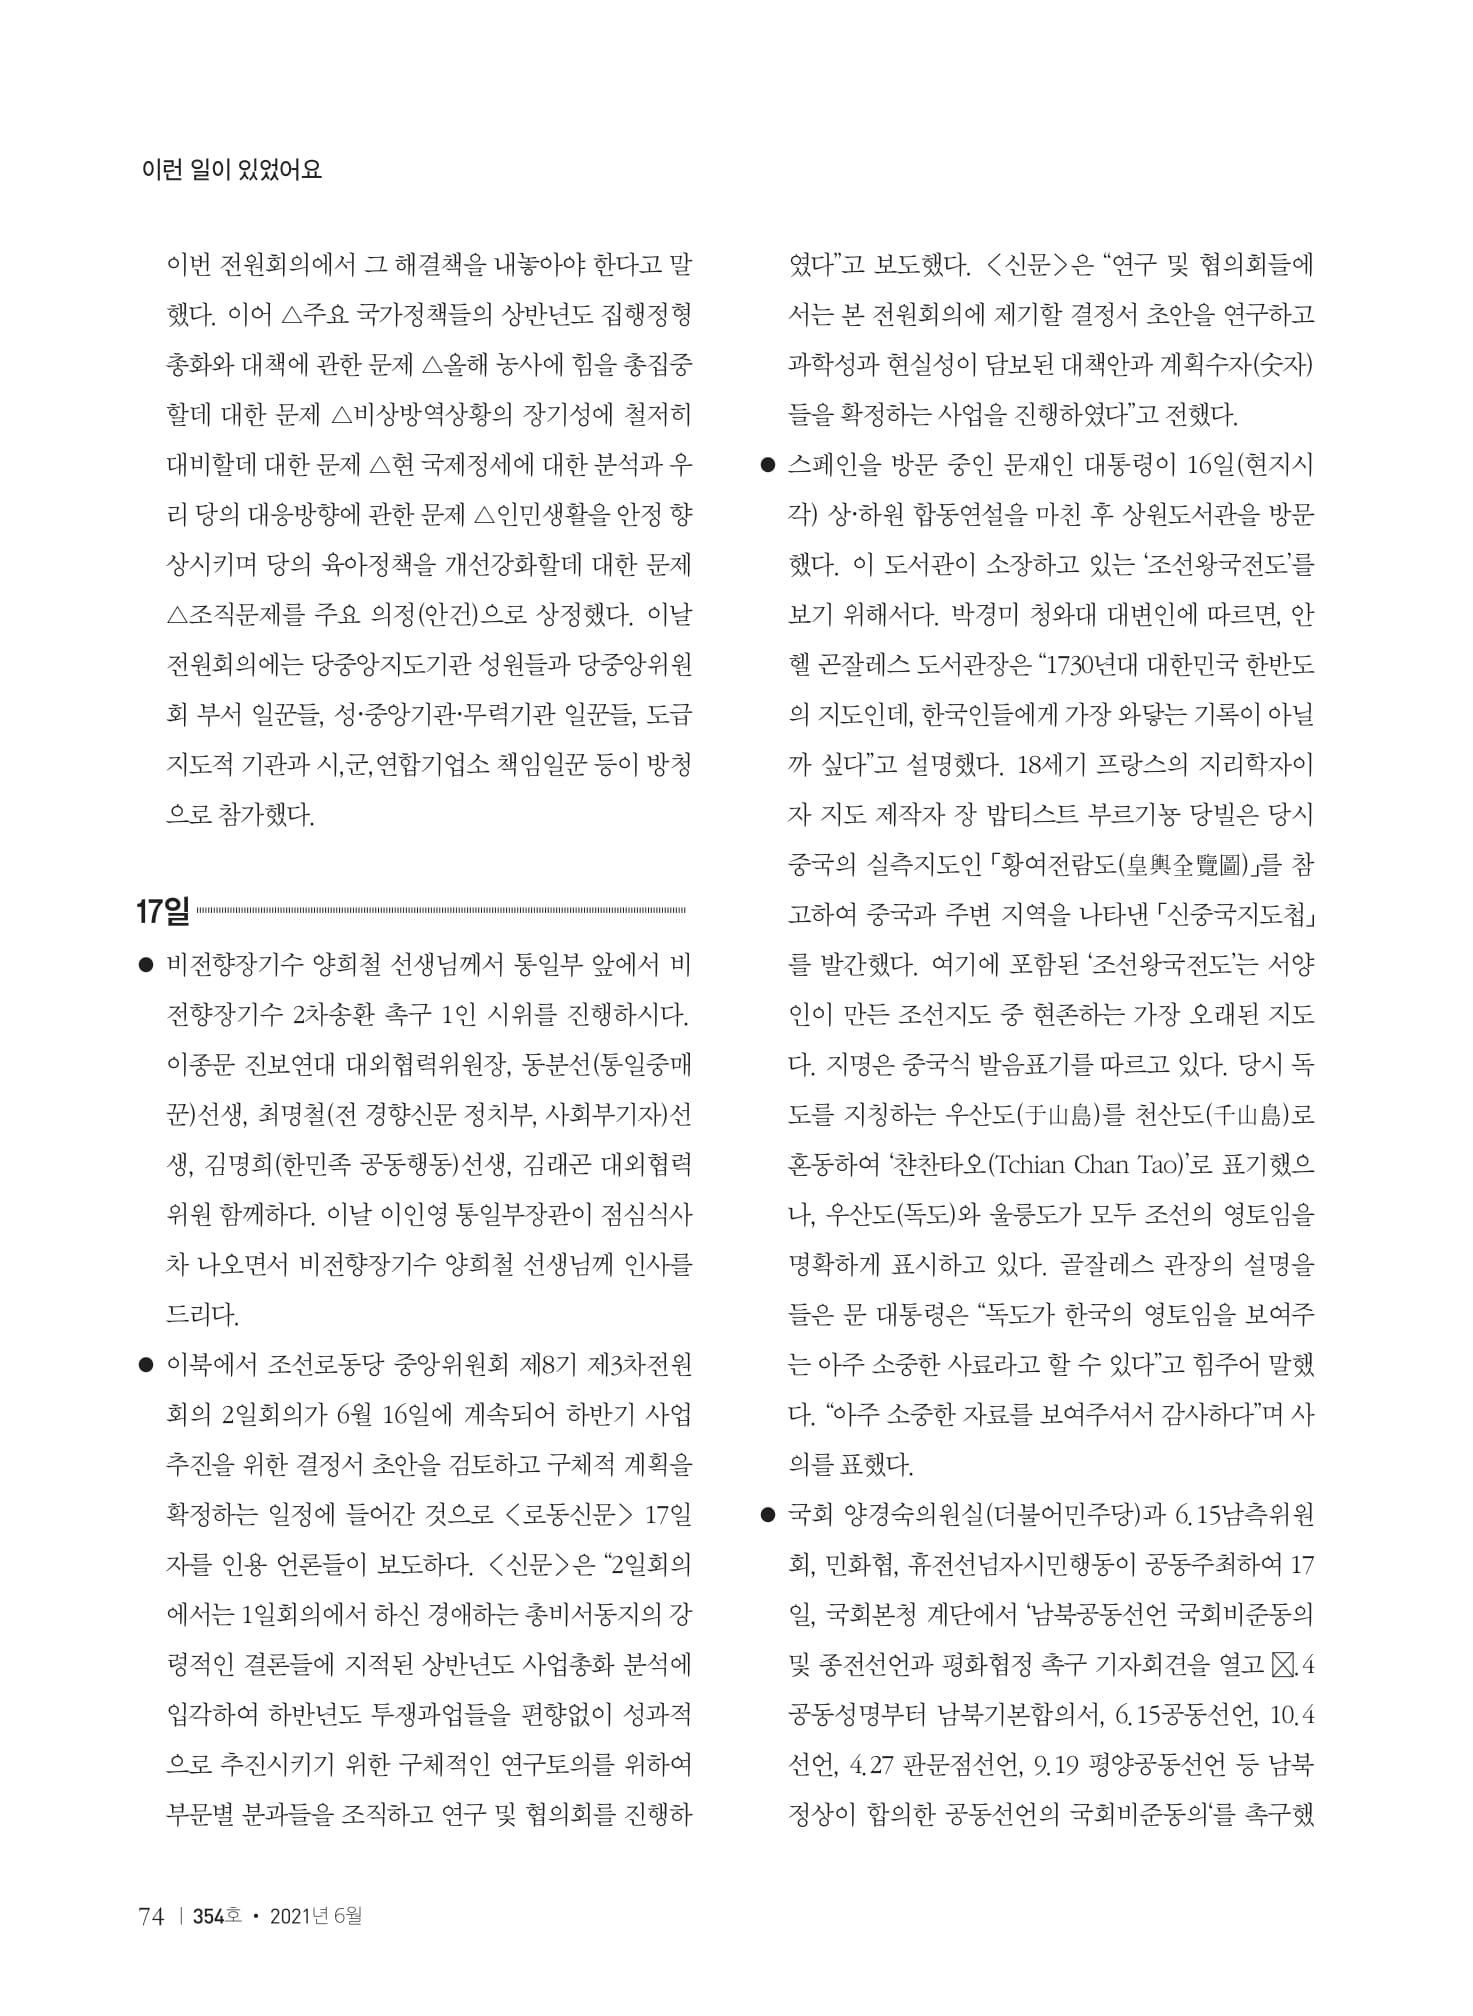 [양심수후원회] 소식지 354호 web 수정-76.jpg